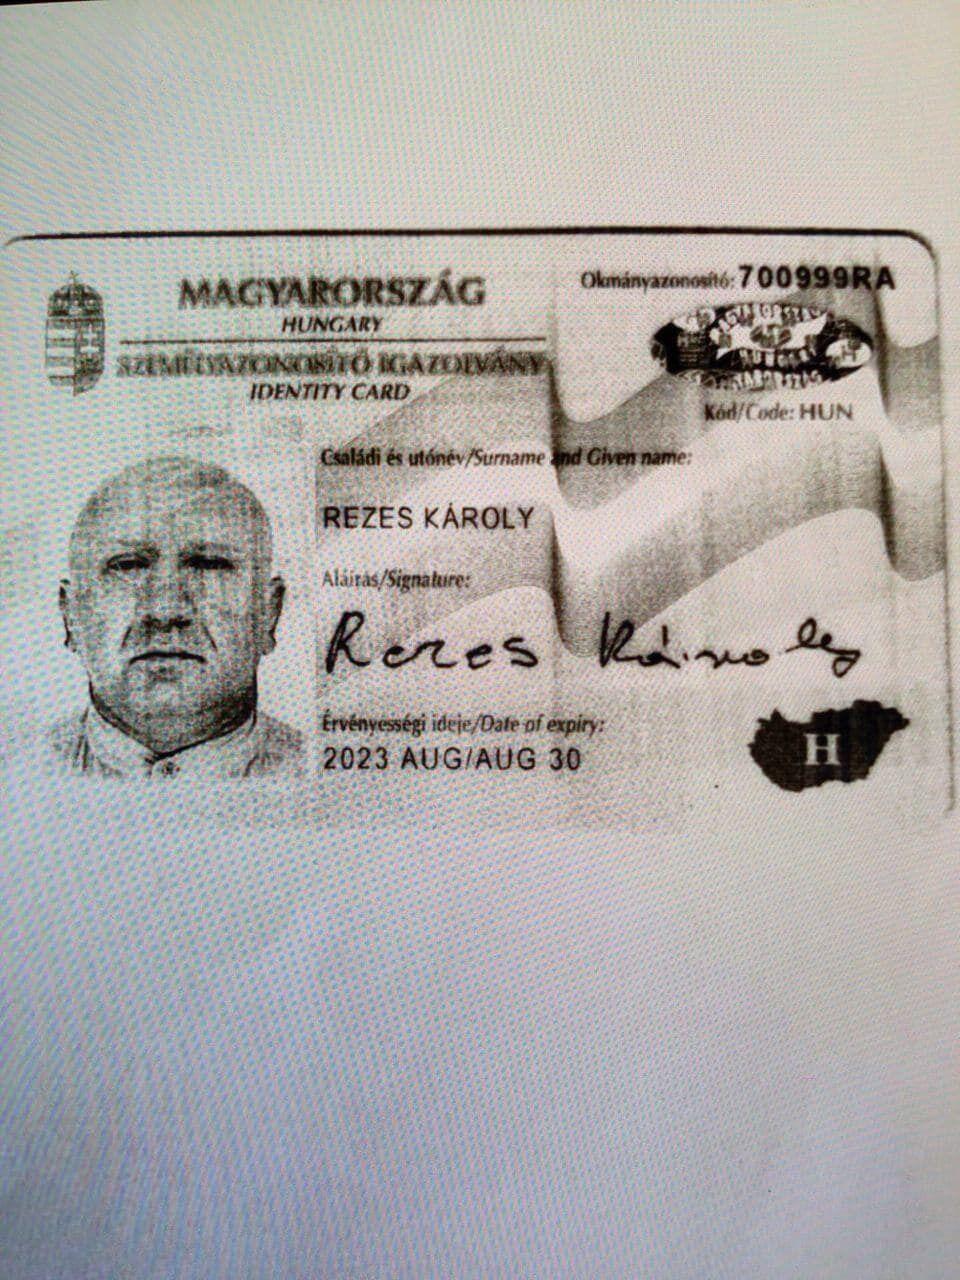 Скан ідентифікаційної карти Резеша